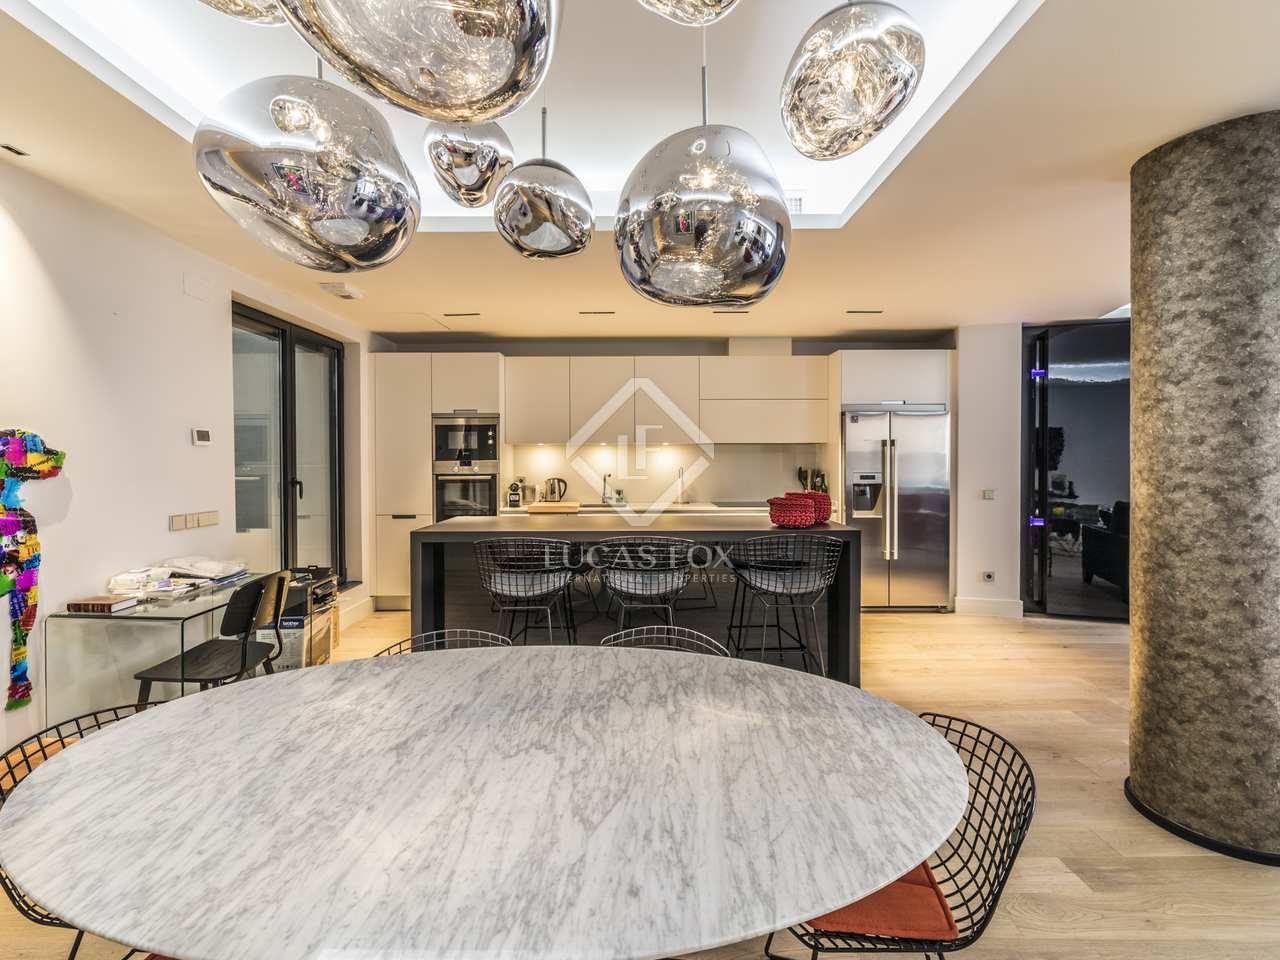 204m wohnung zum verkauf in recoletos madrid. Black Bedroom Furniture Sets. Home Design Ideas